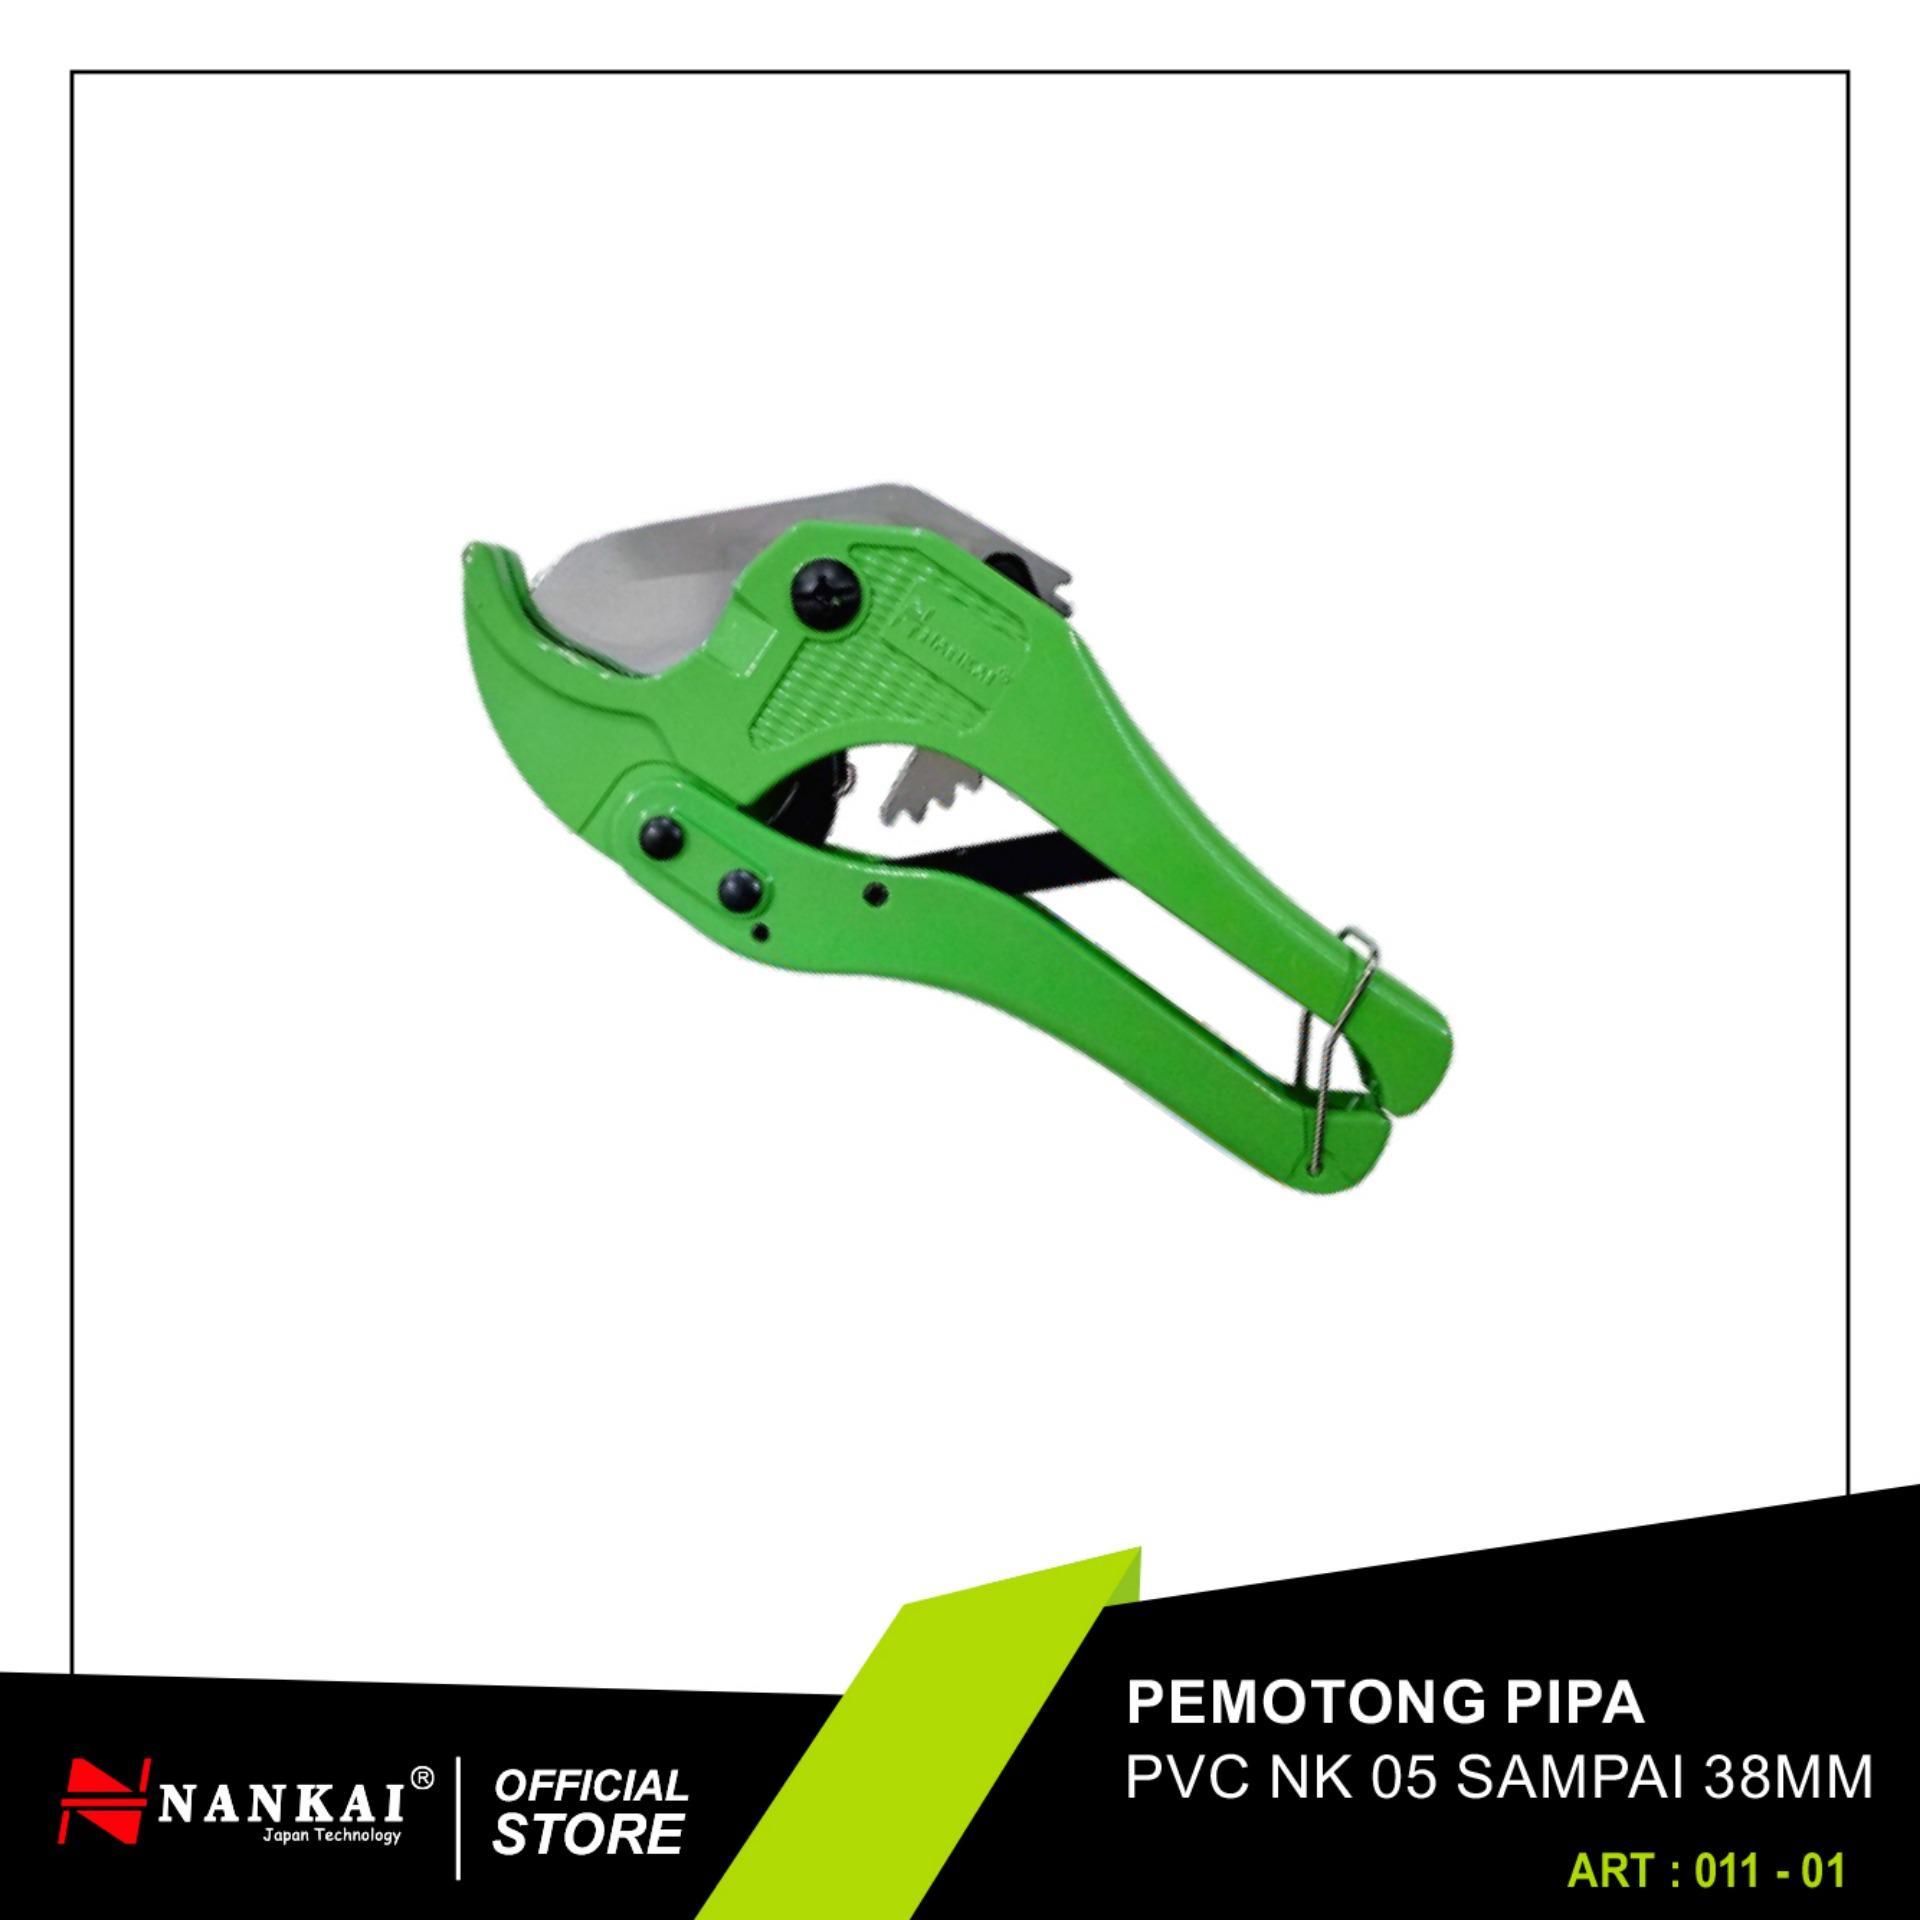 Nankai Pemotong Pipa Pvc Sd05 38mm - Pvc Cutter Alat Potong Perkakas Tool By Nankaitools.